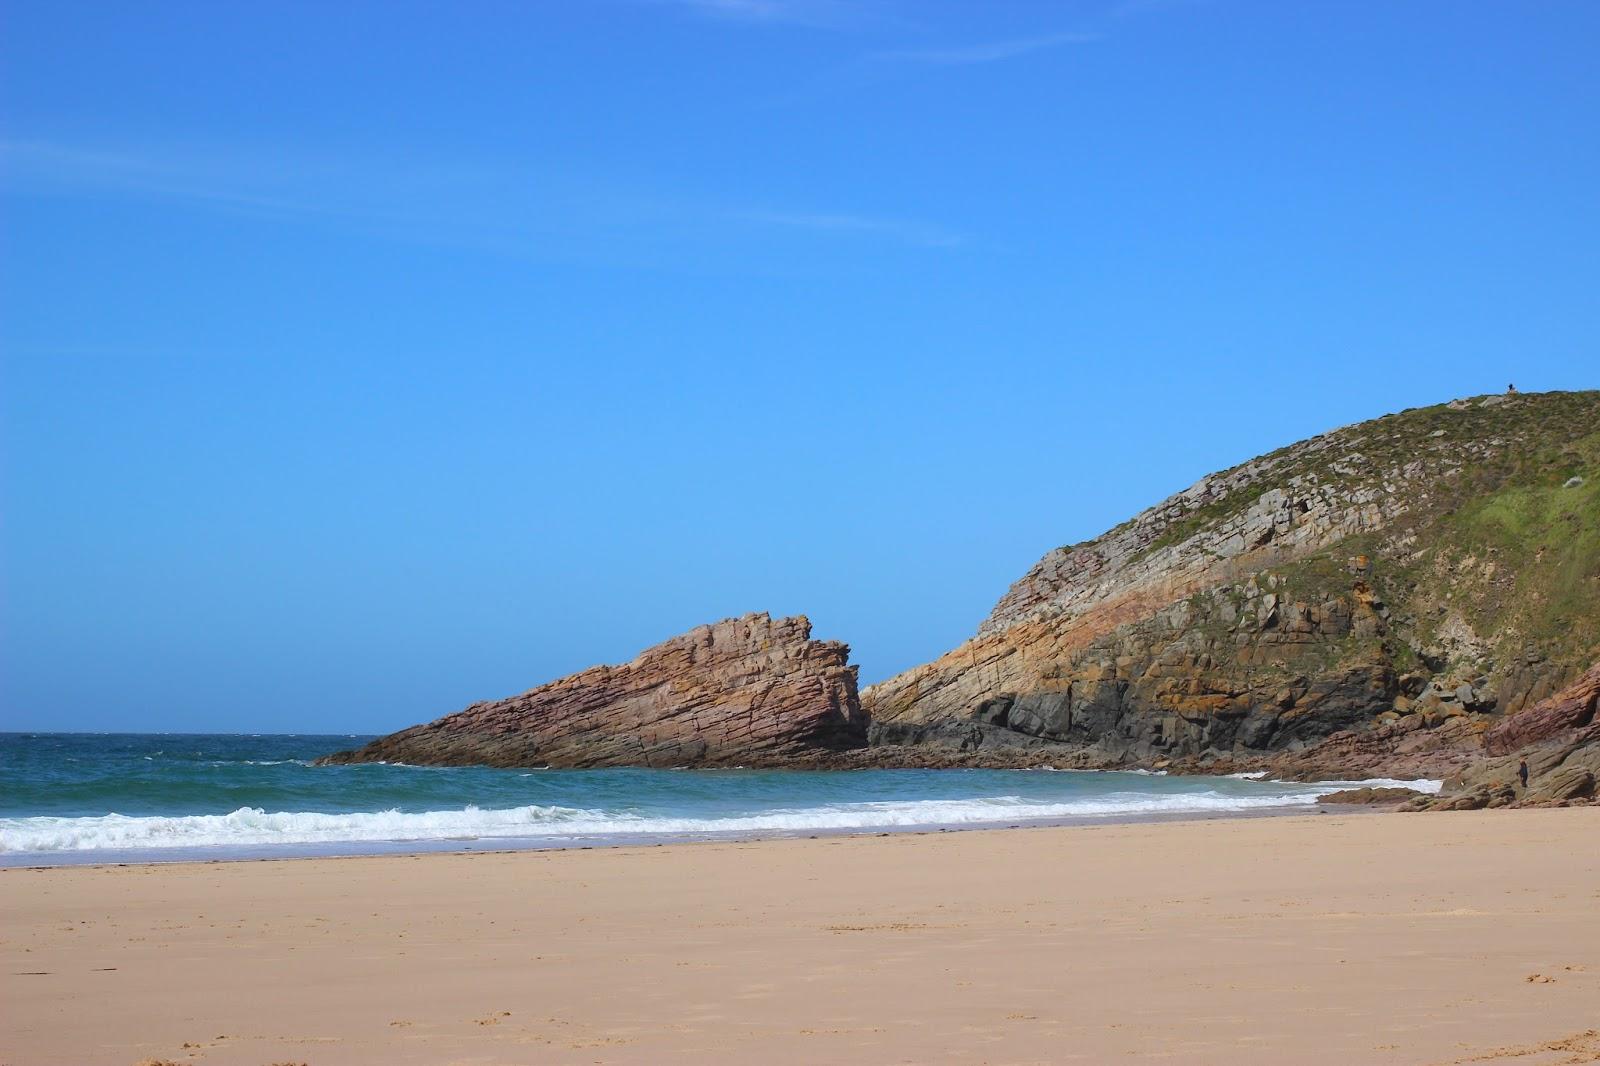 Le Chameau Bleu - Une plage du Cap Fréhel